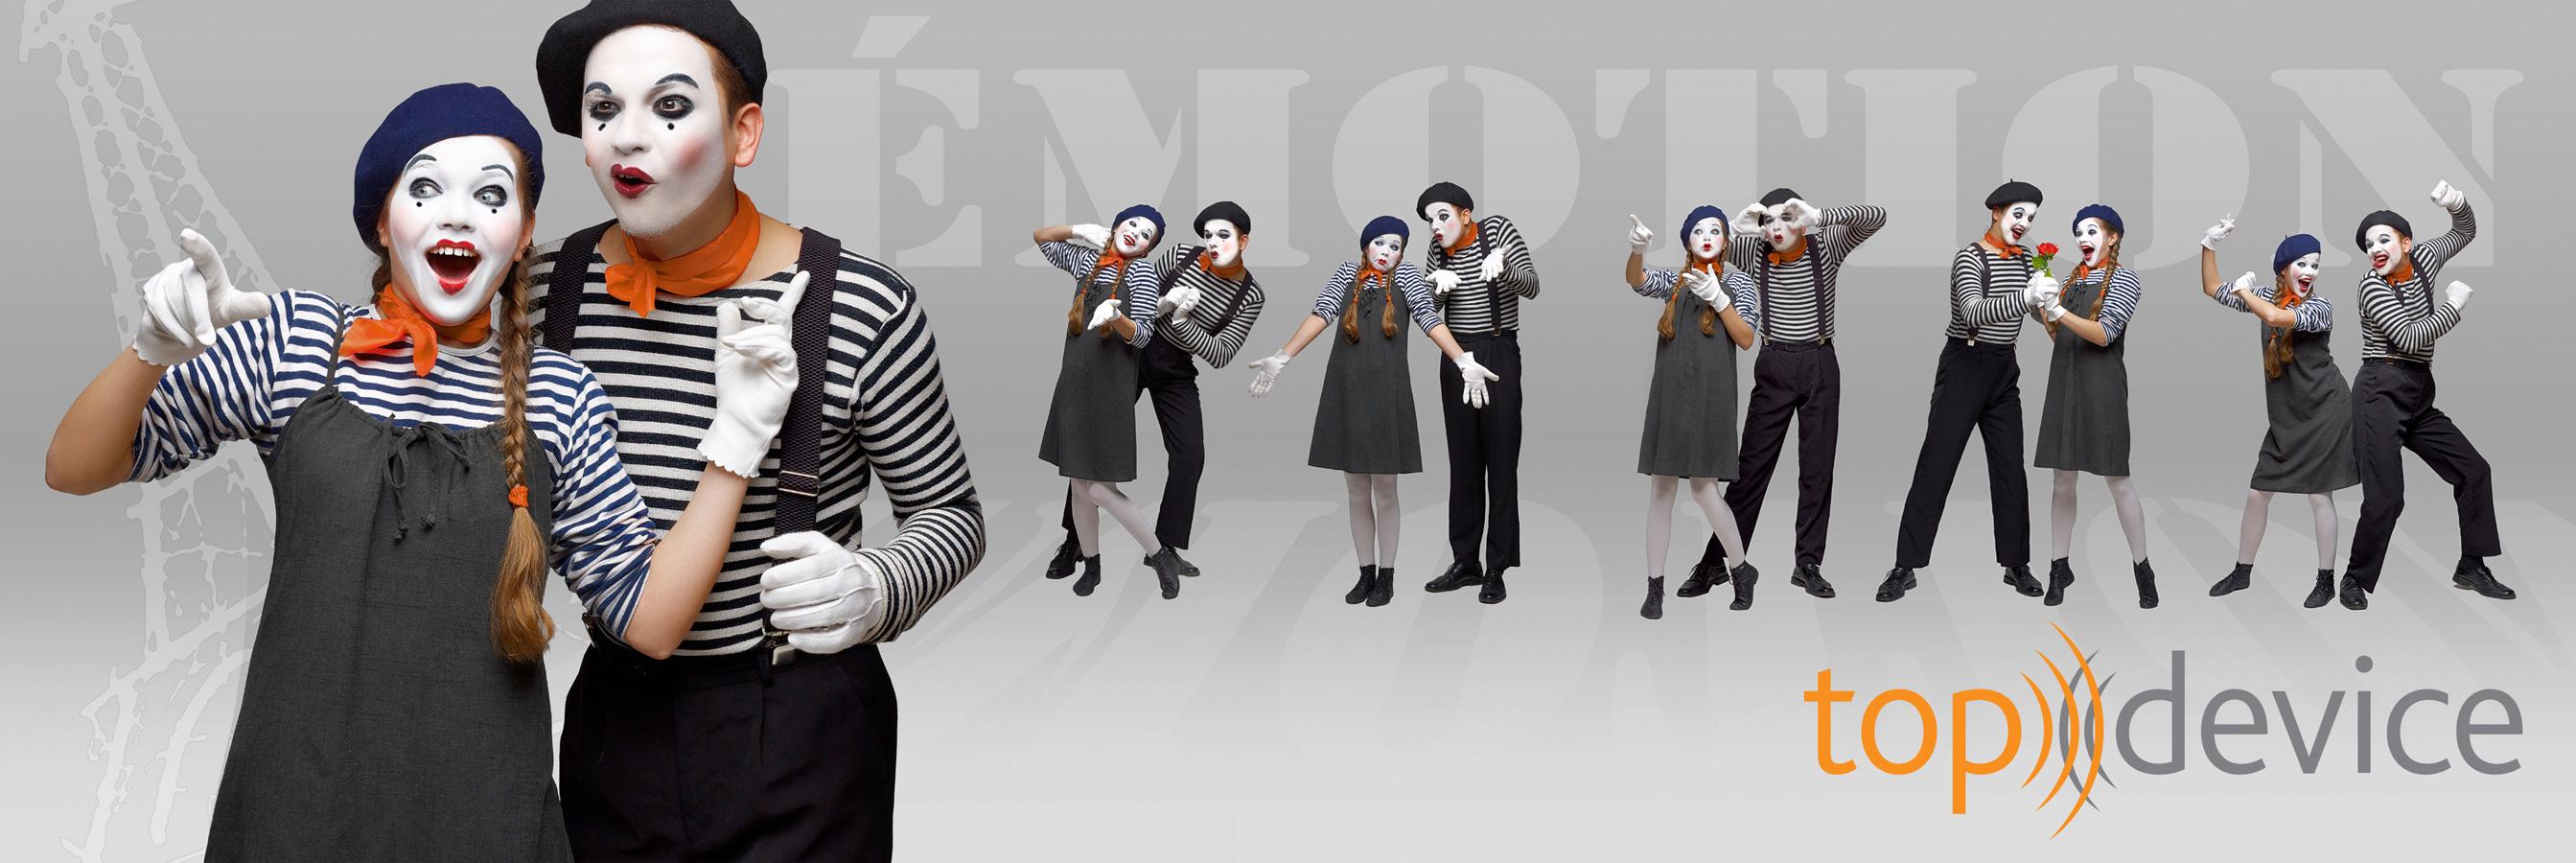 Рекламная съемка для компании TopDevice. Рекламная съемка, фотограф Лена Волкова